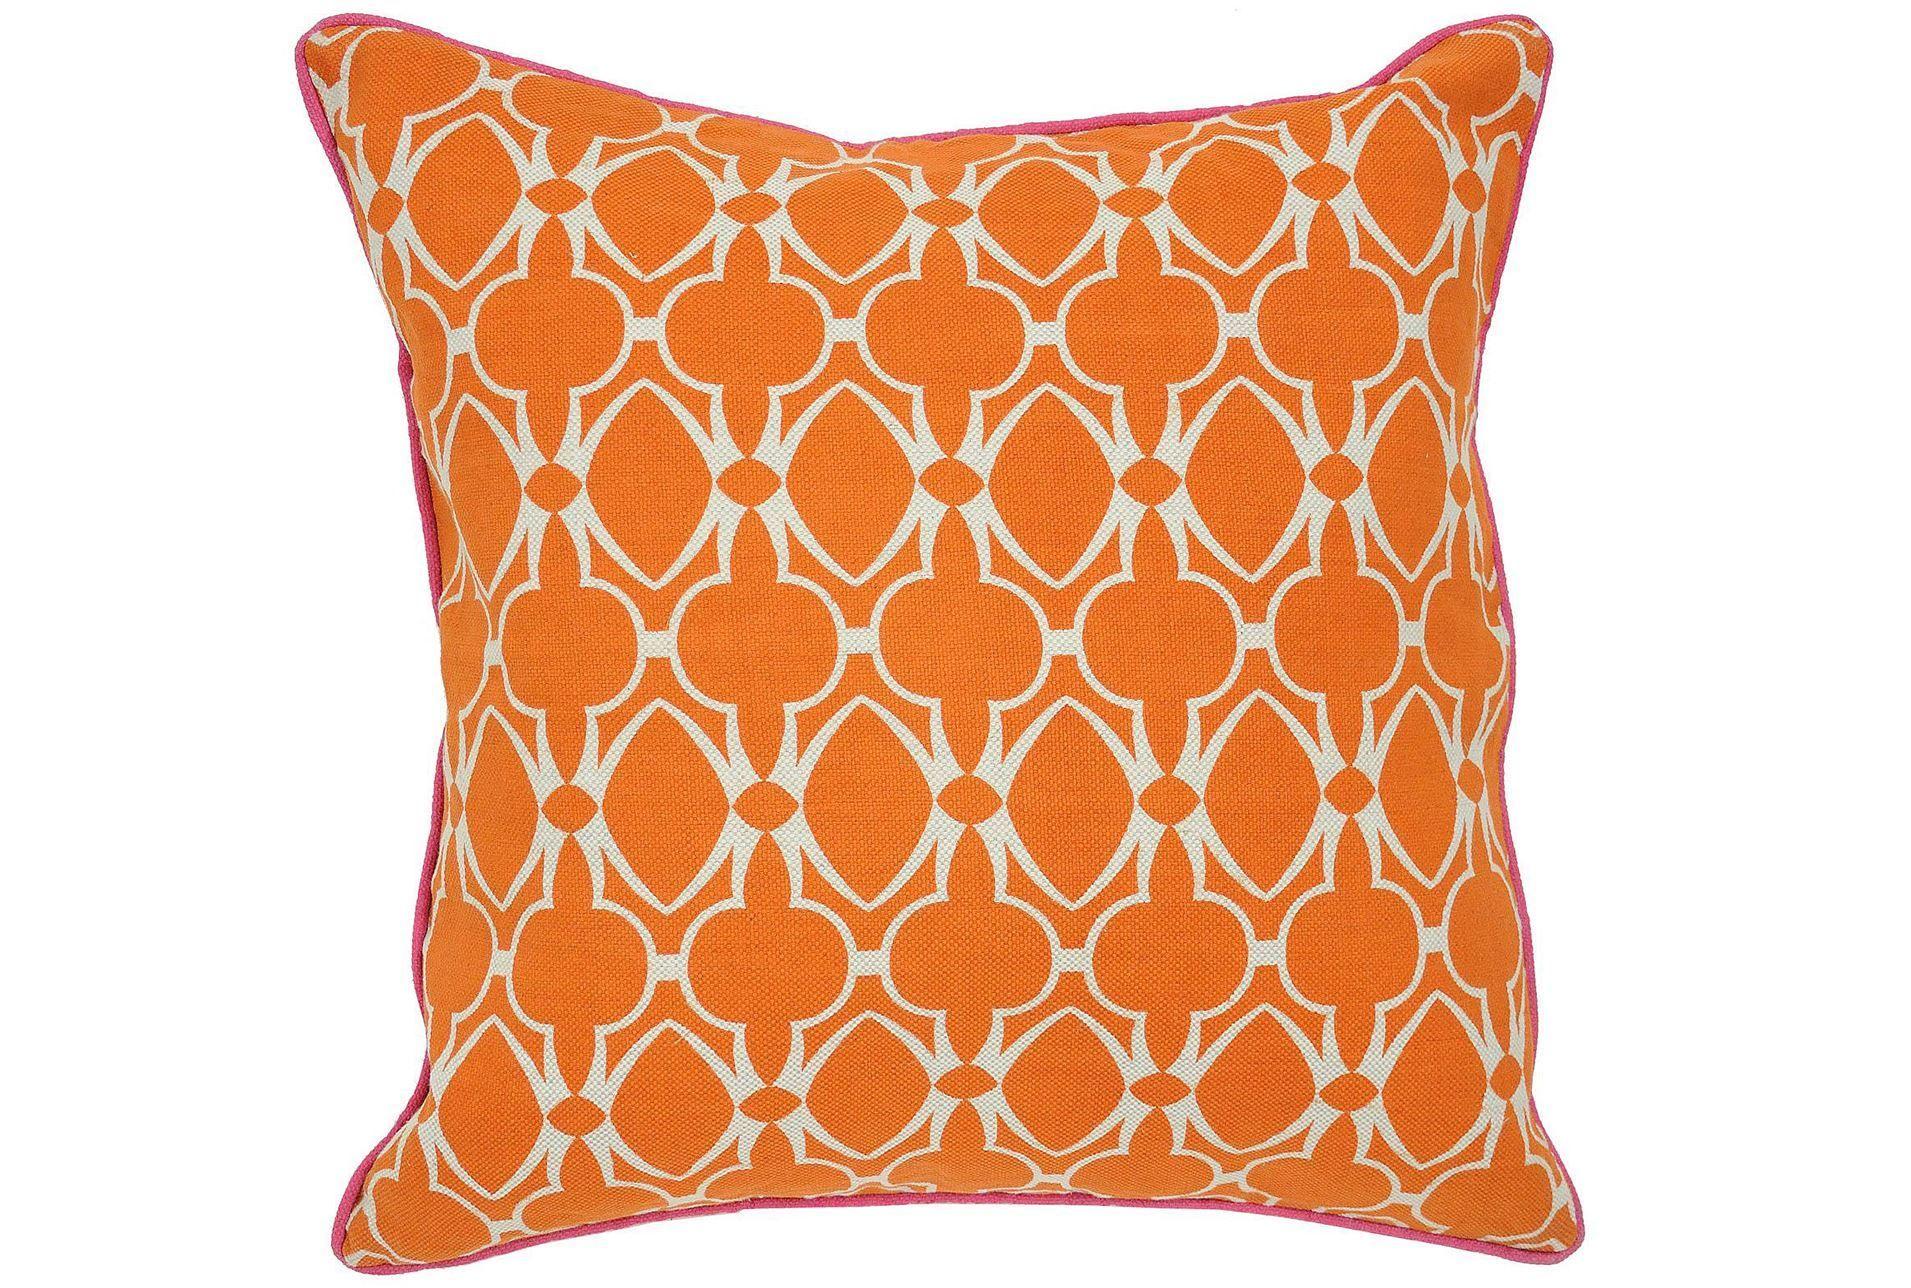 Accent Pillow-Phoebe Orange 22X22